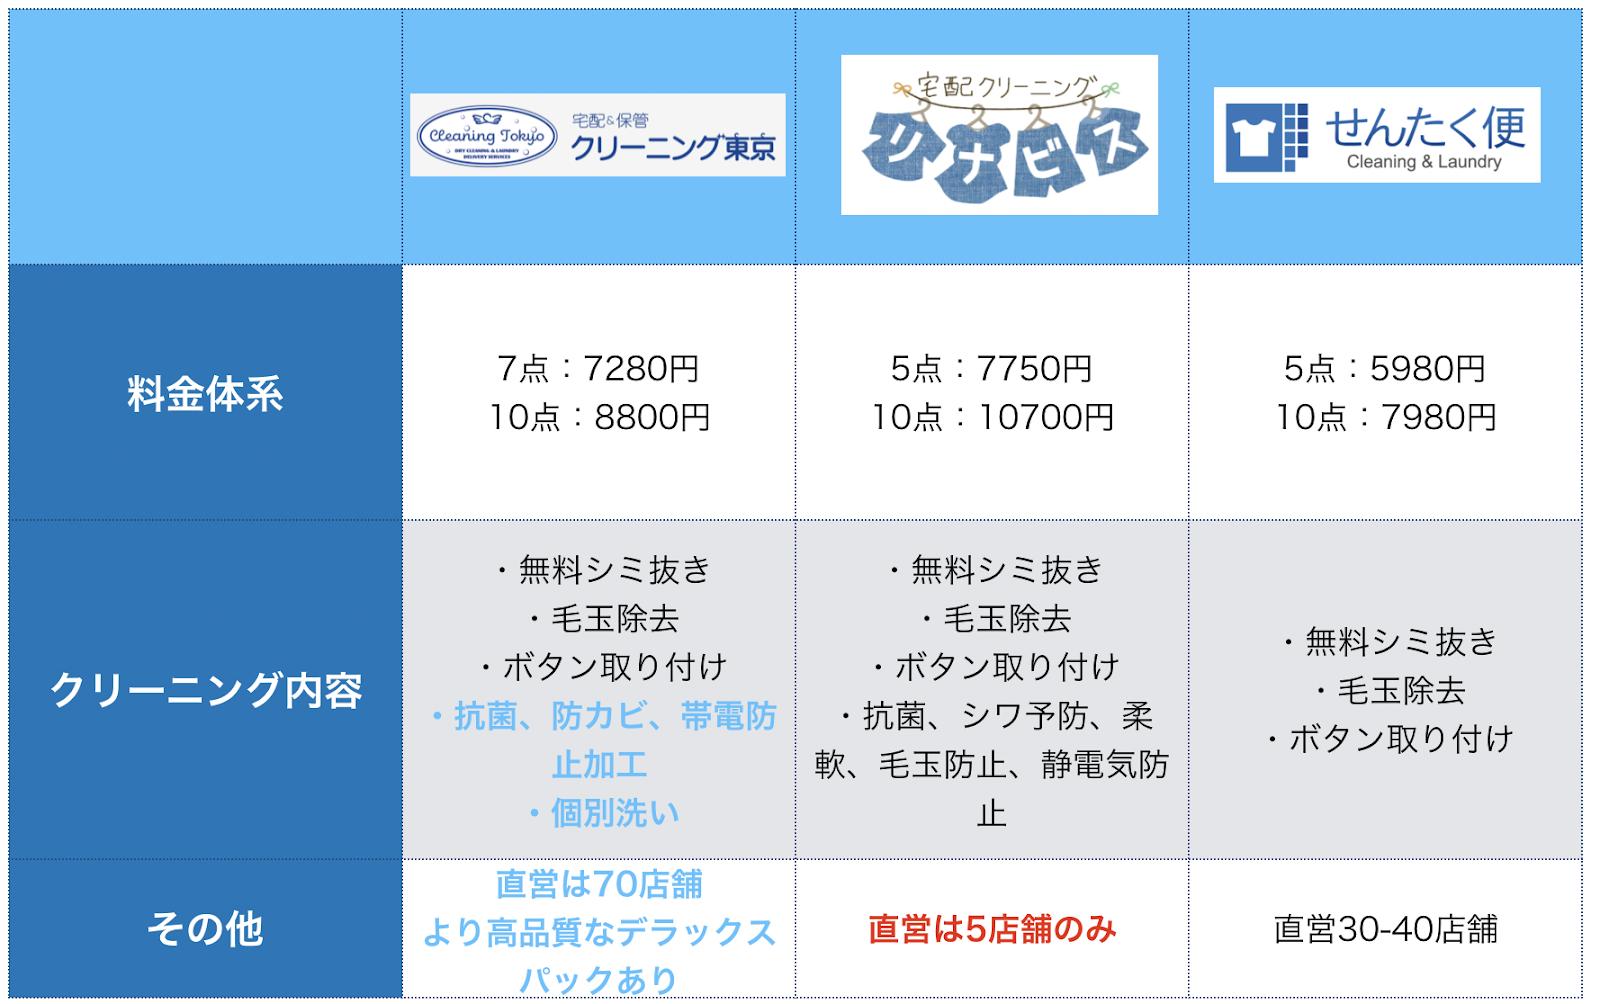 クリーニング東京は同価格帯大手のリナビス ・せんたく便と比べてもおすすめ